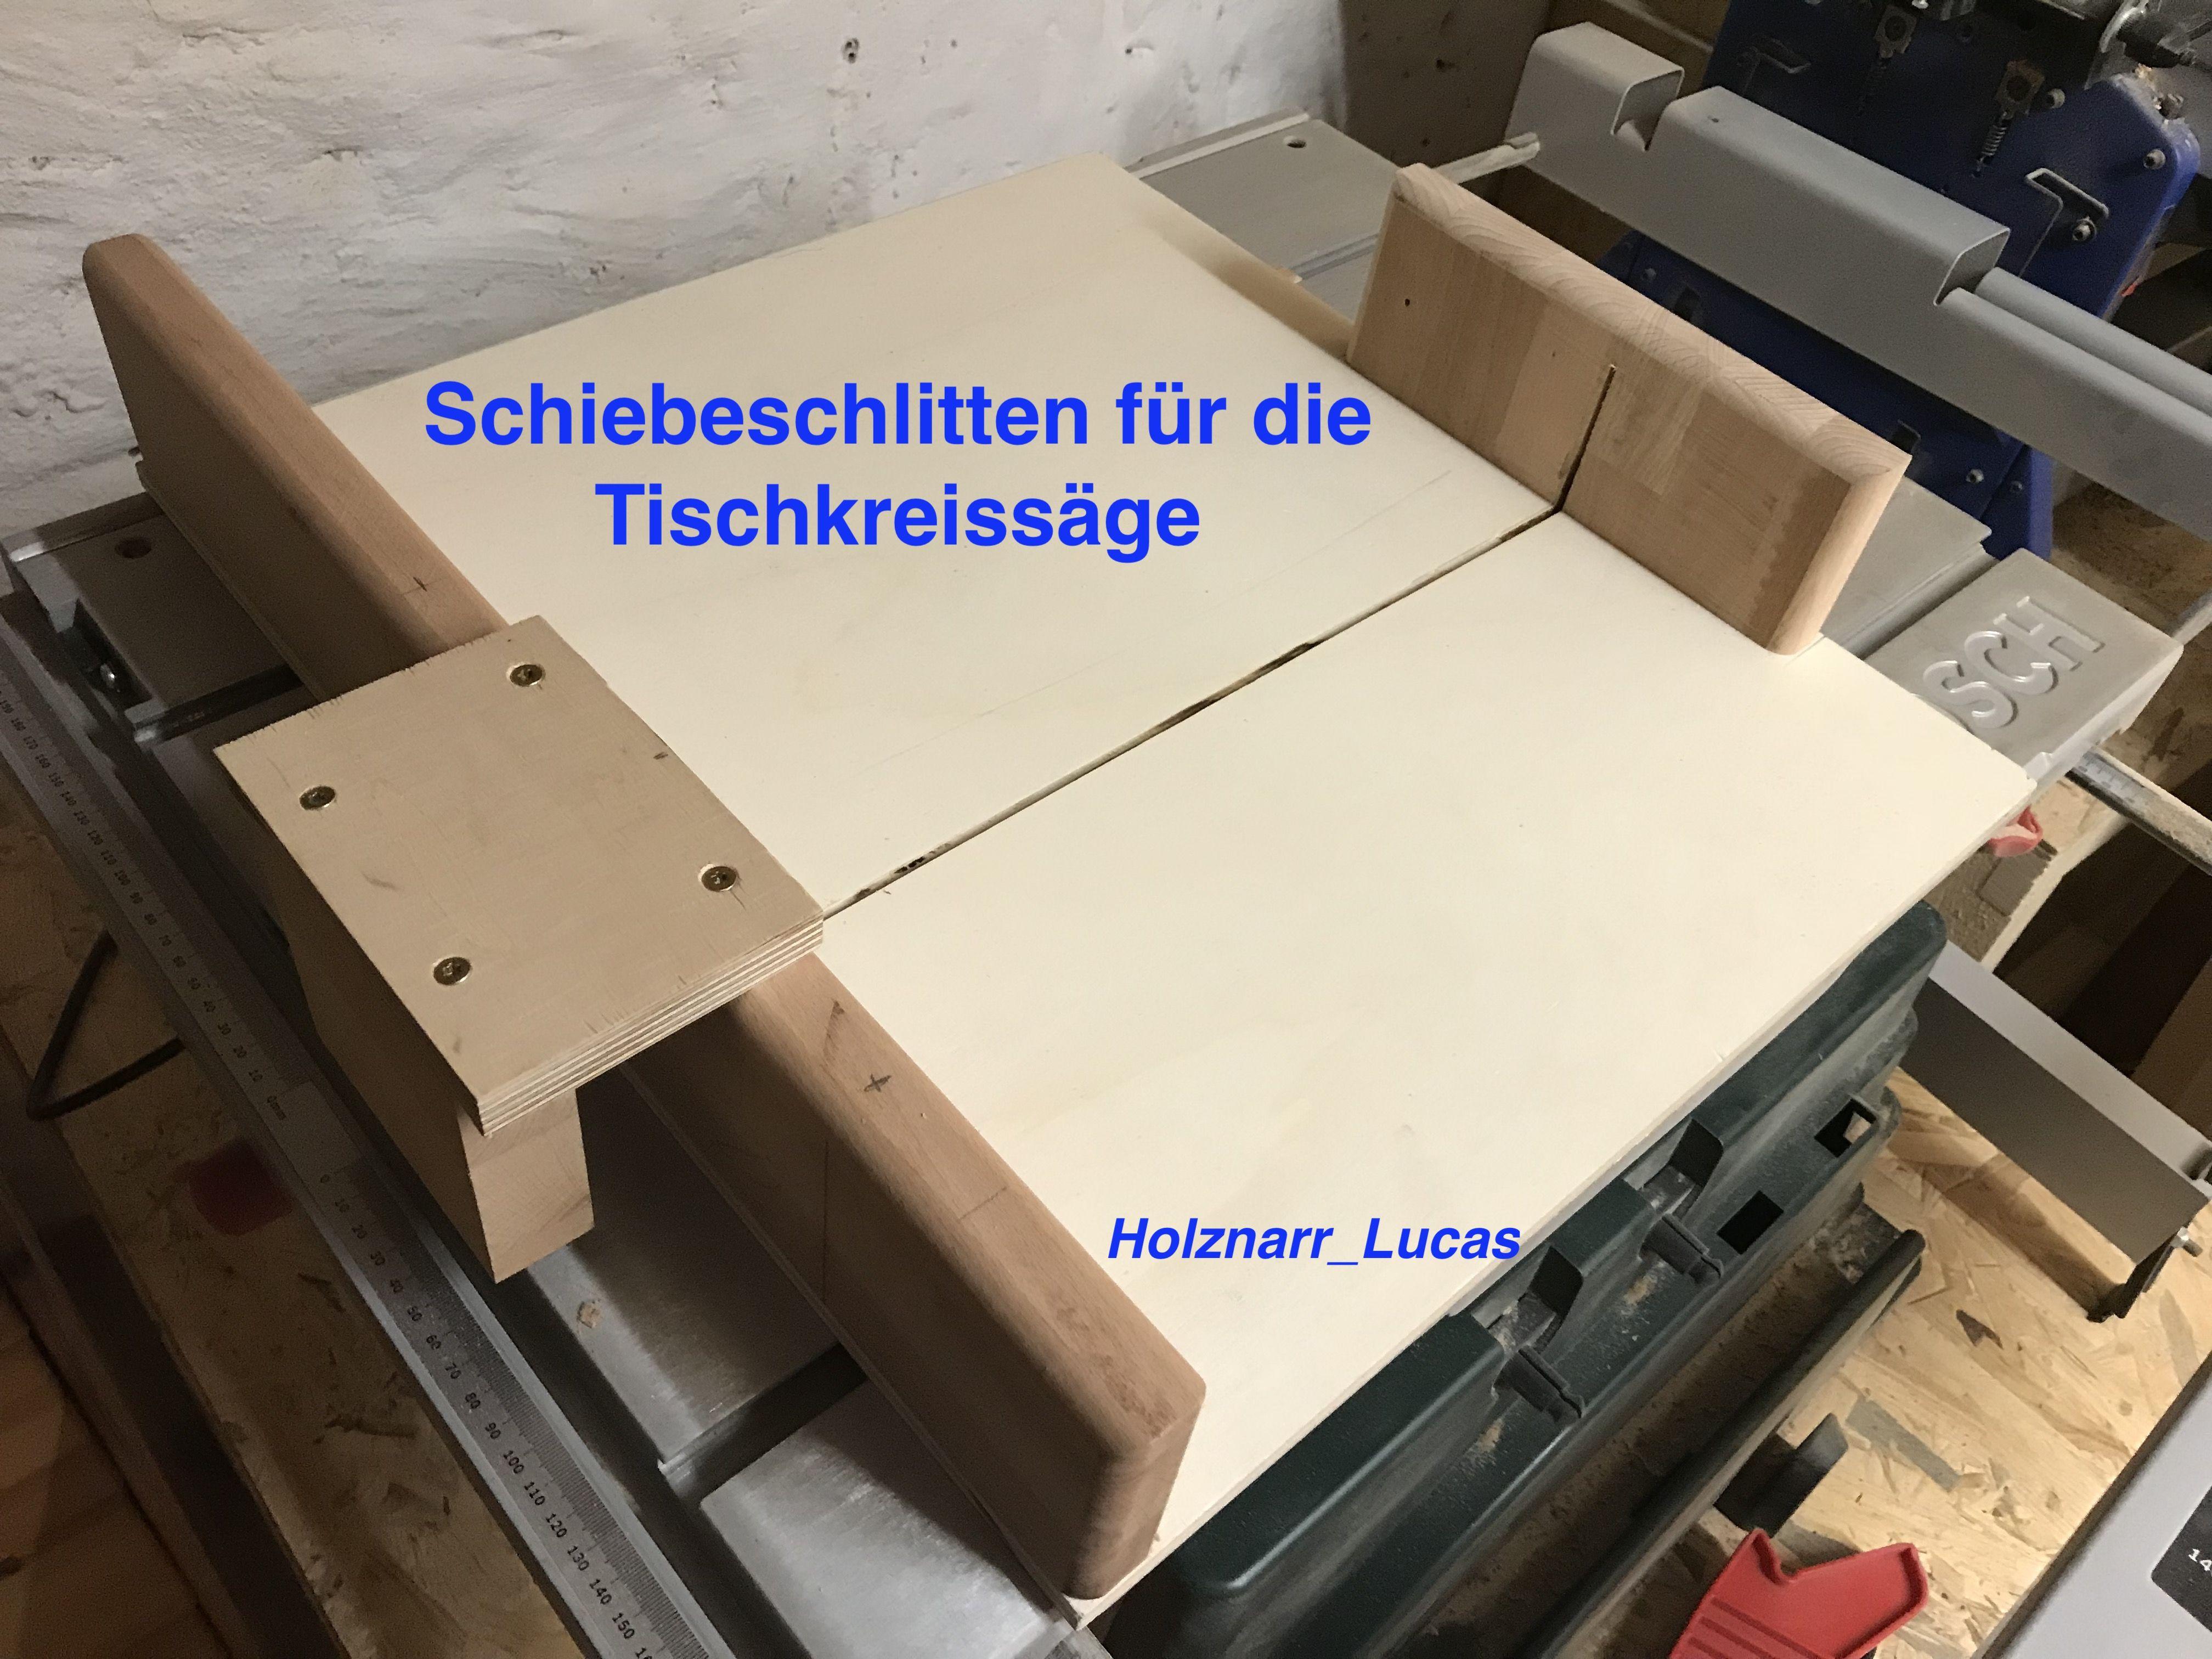 schiebeschlitten für eine beliebige tischkreissäge selber bauen